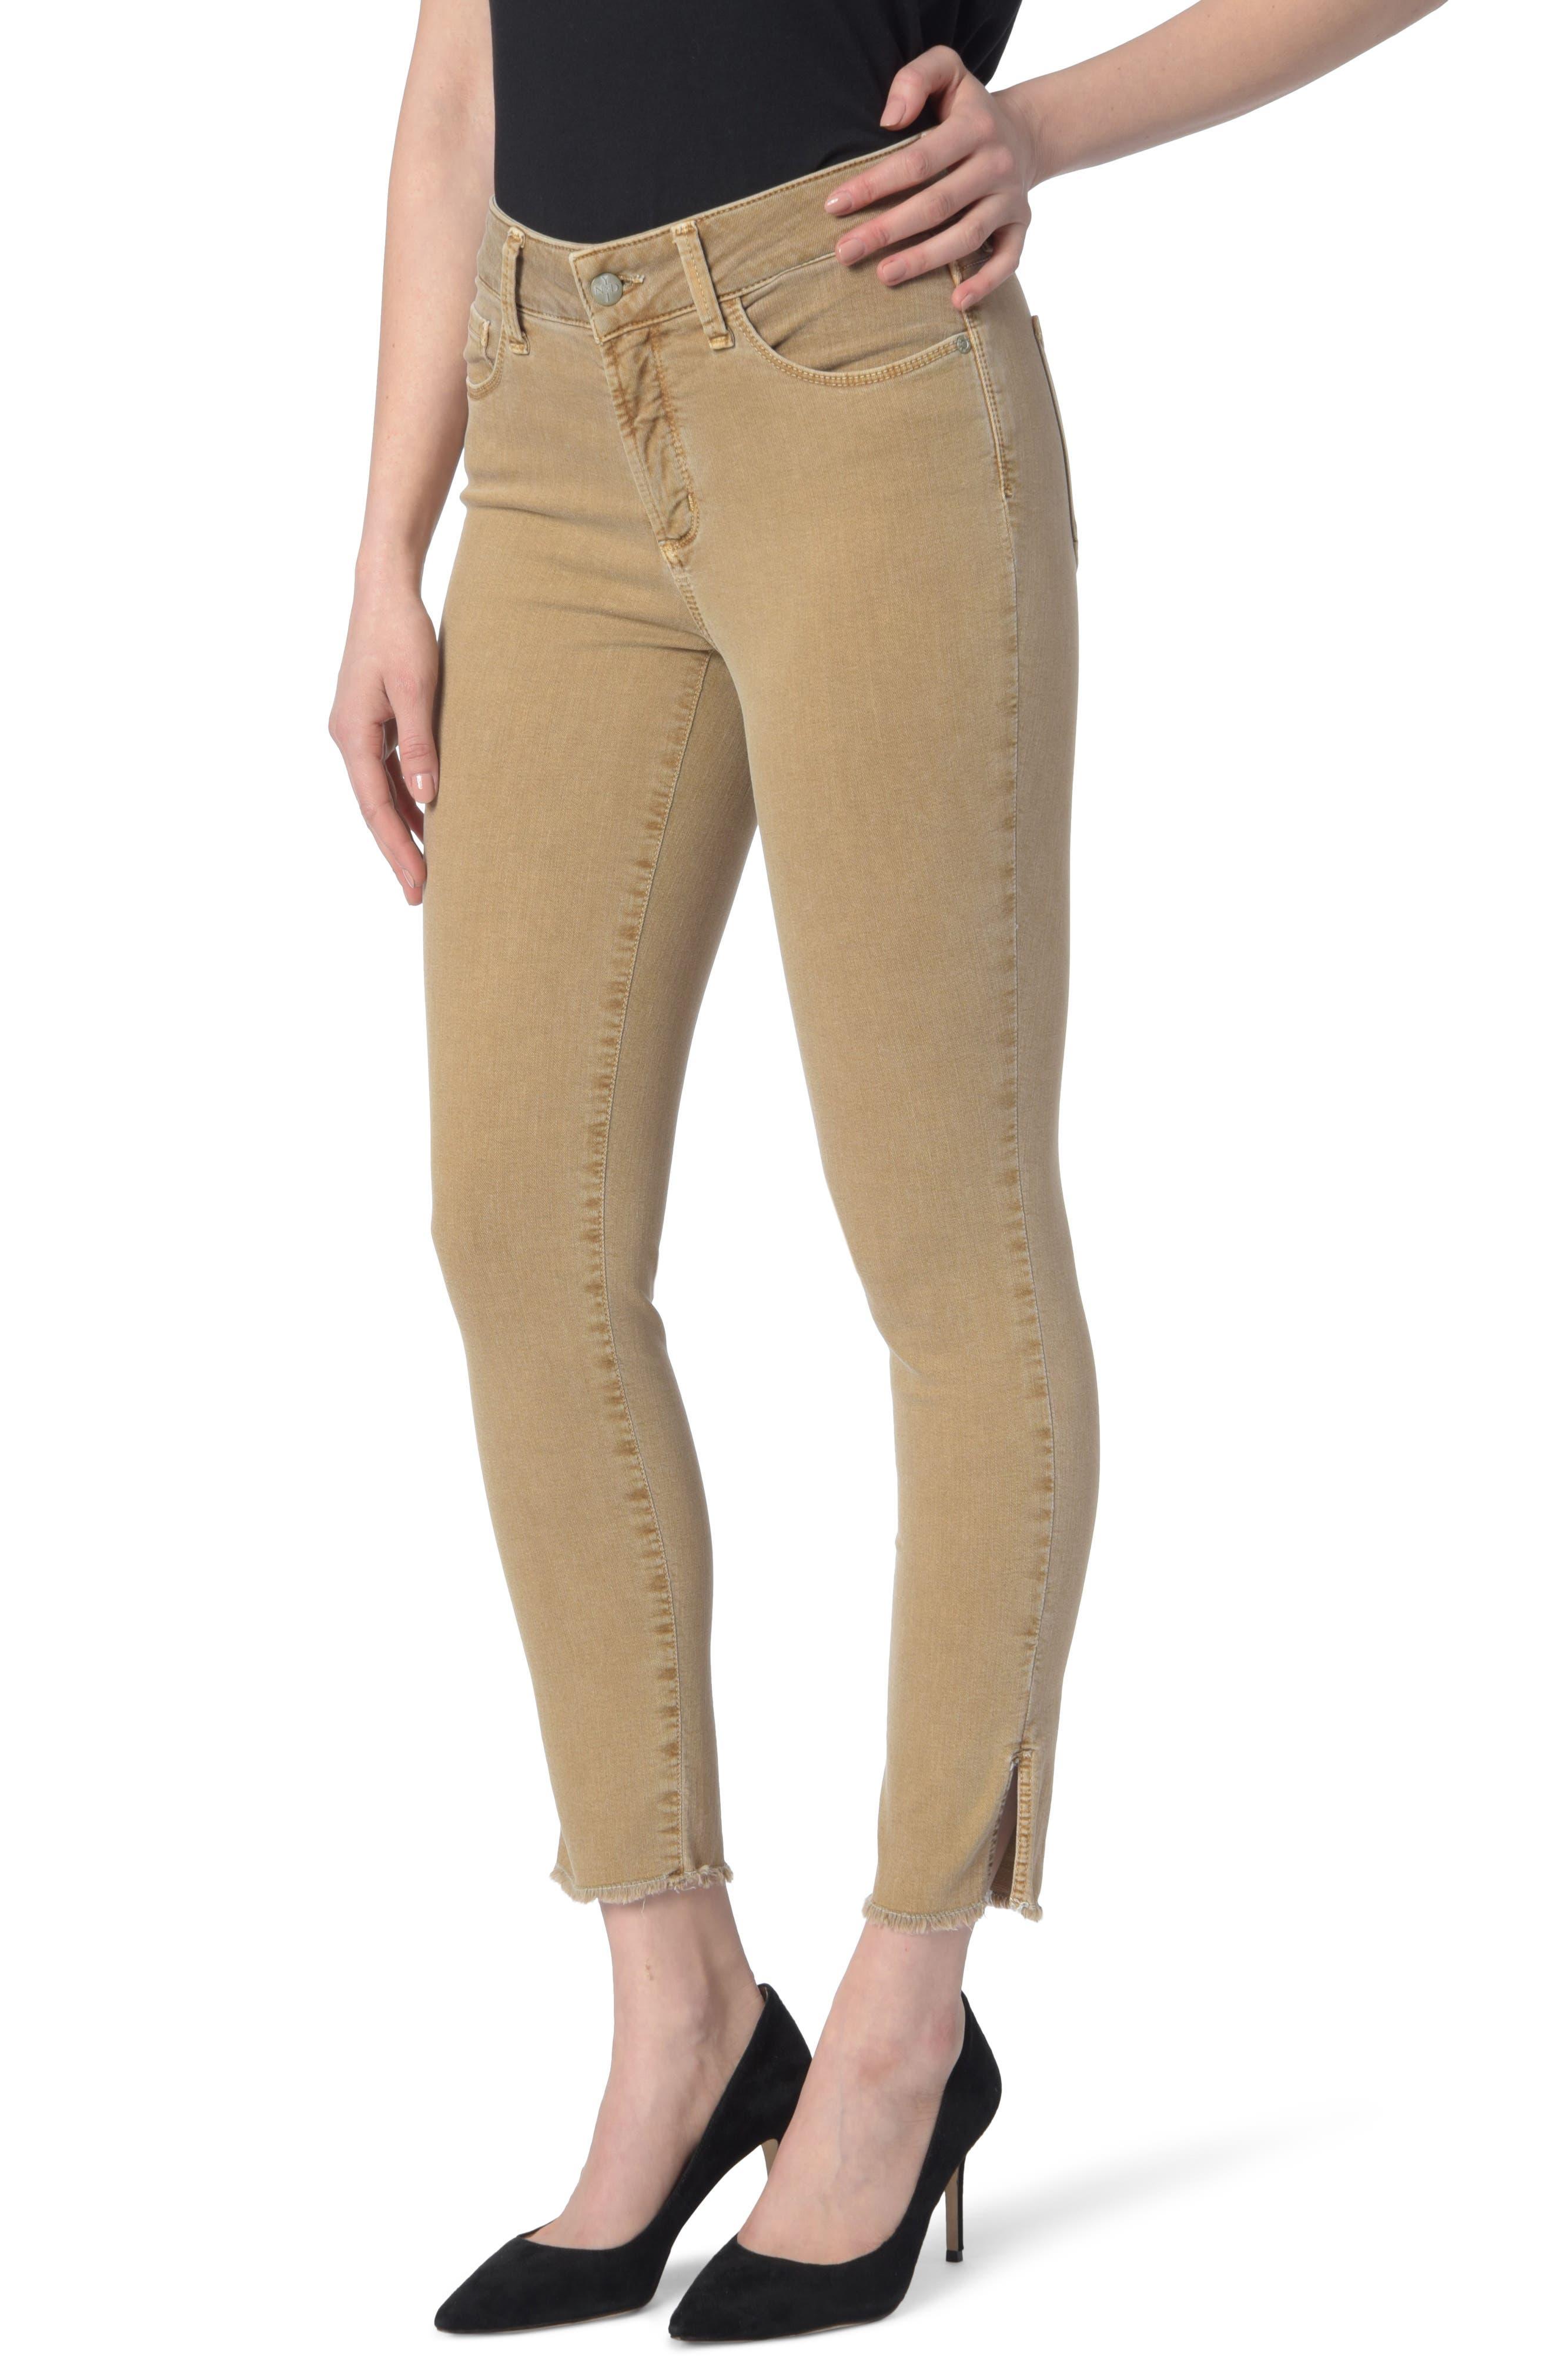 Beige Jeans & Denim for Women: Skinny, Boyfriend & More ...